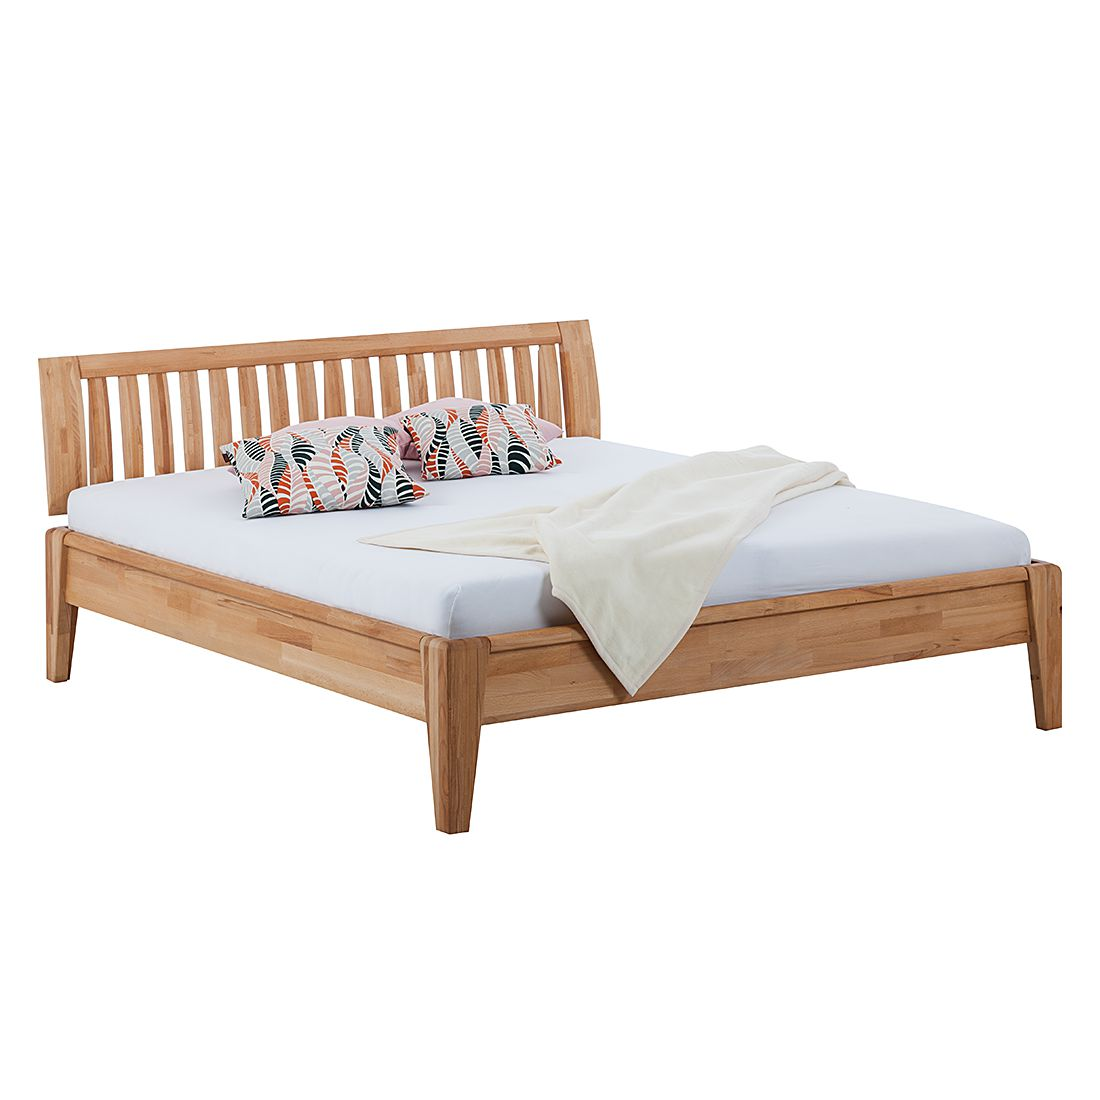 goedkoop Massief houten bed LayaWOOD 160 x 200cm Kernbeuken Ars Natura